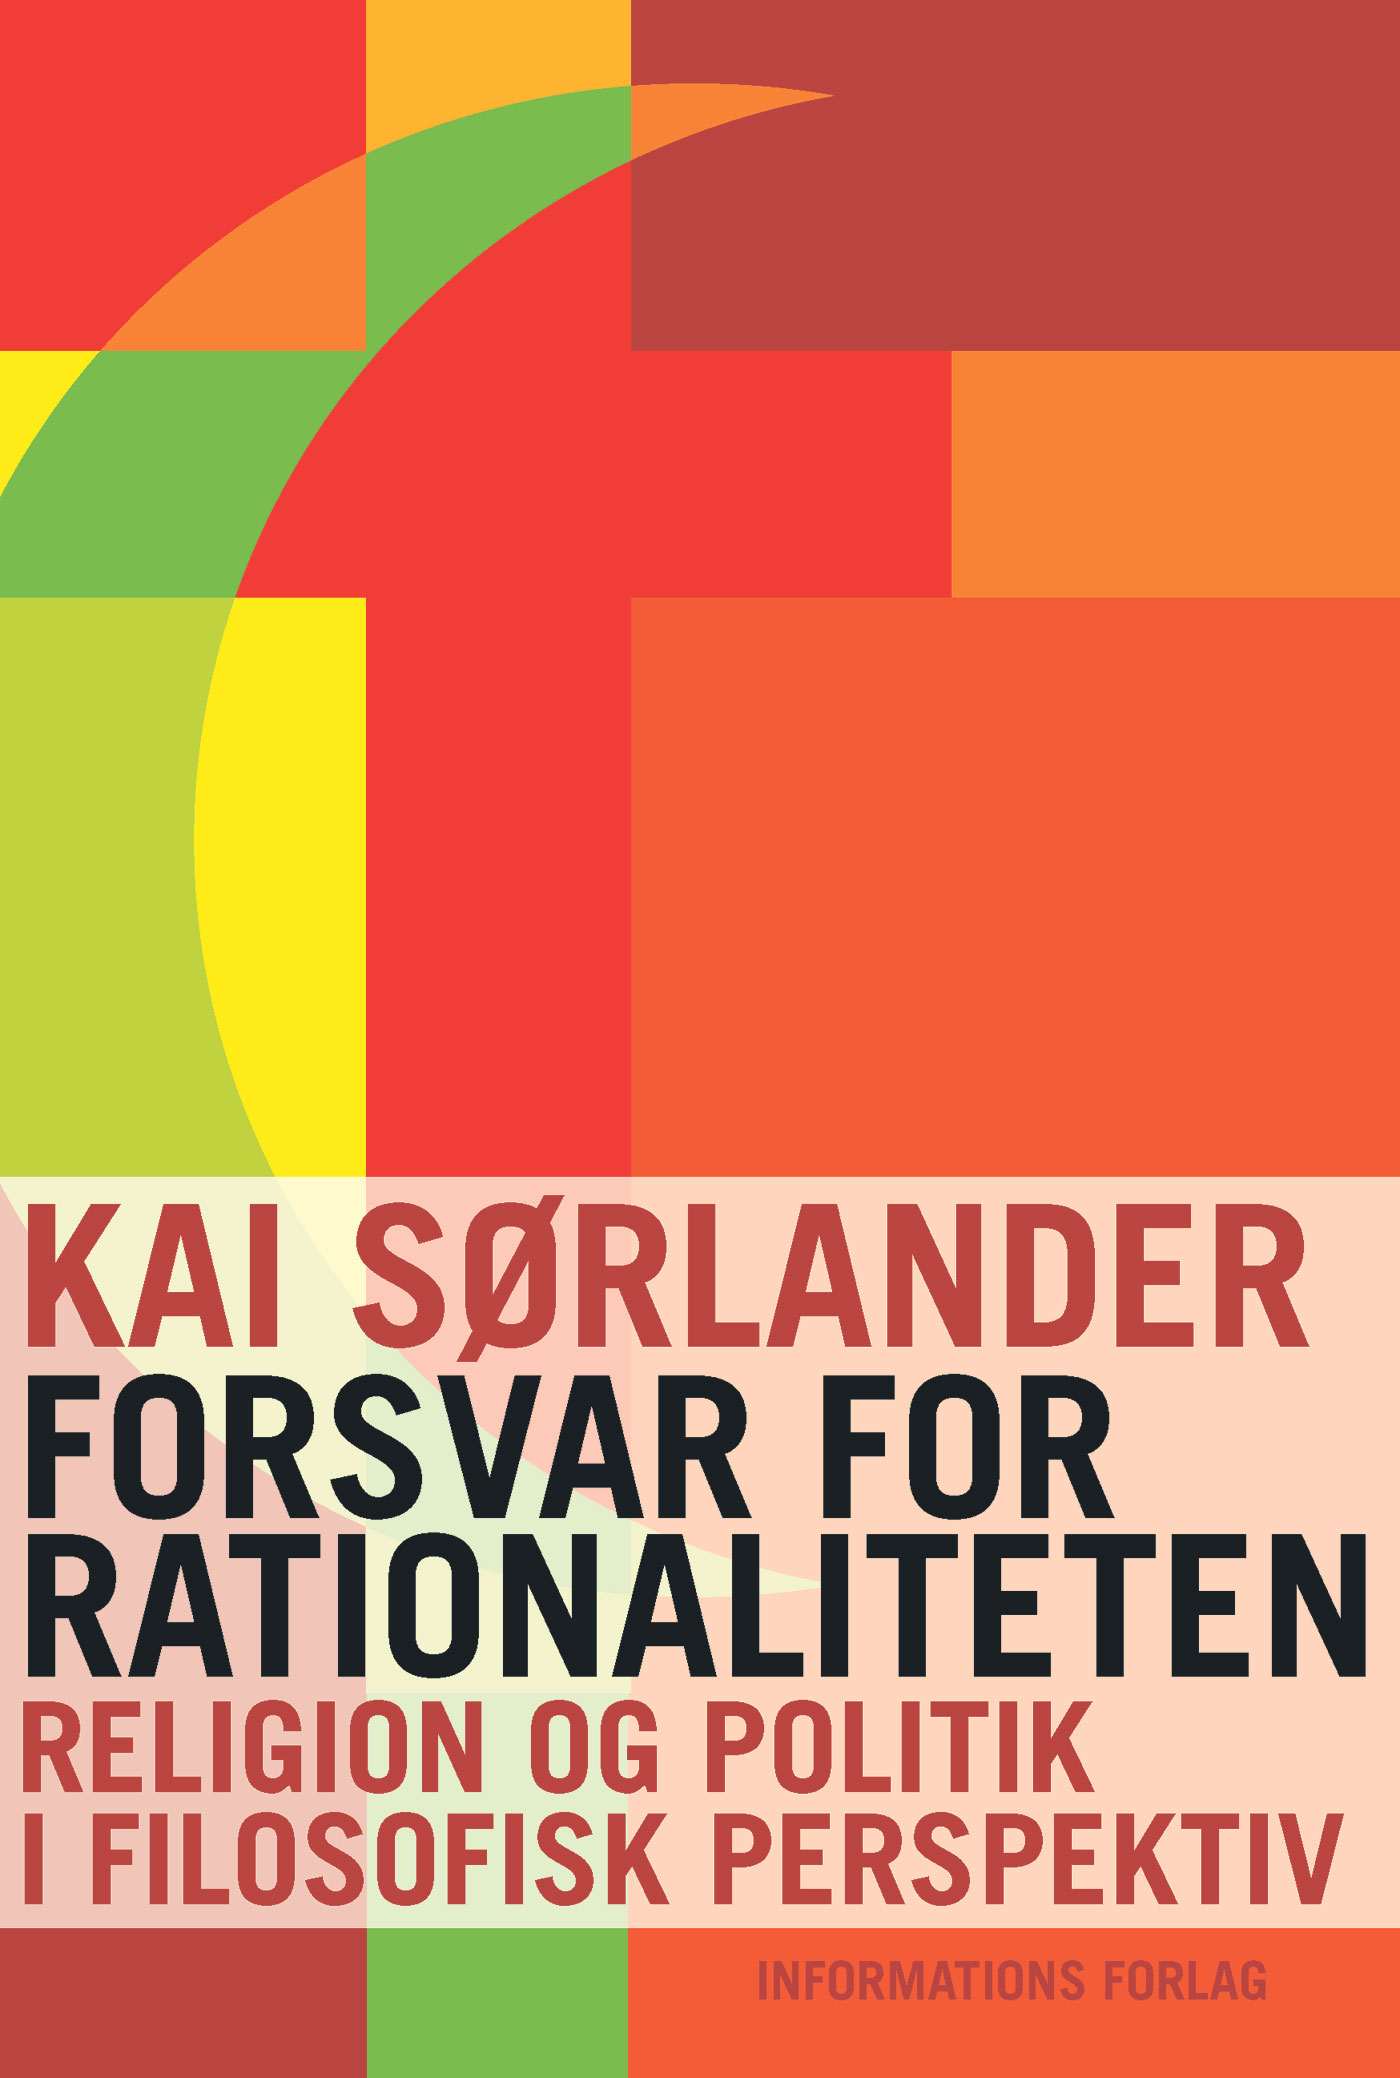 N/A Forsvar for rationaliteten - e-bog fra bog & mystik